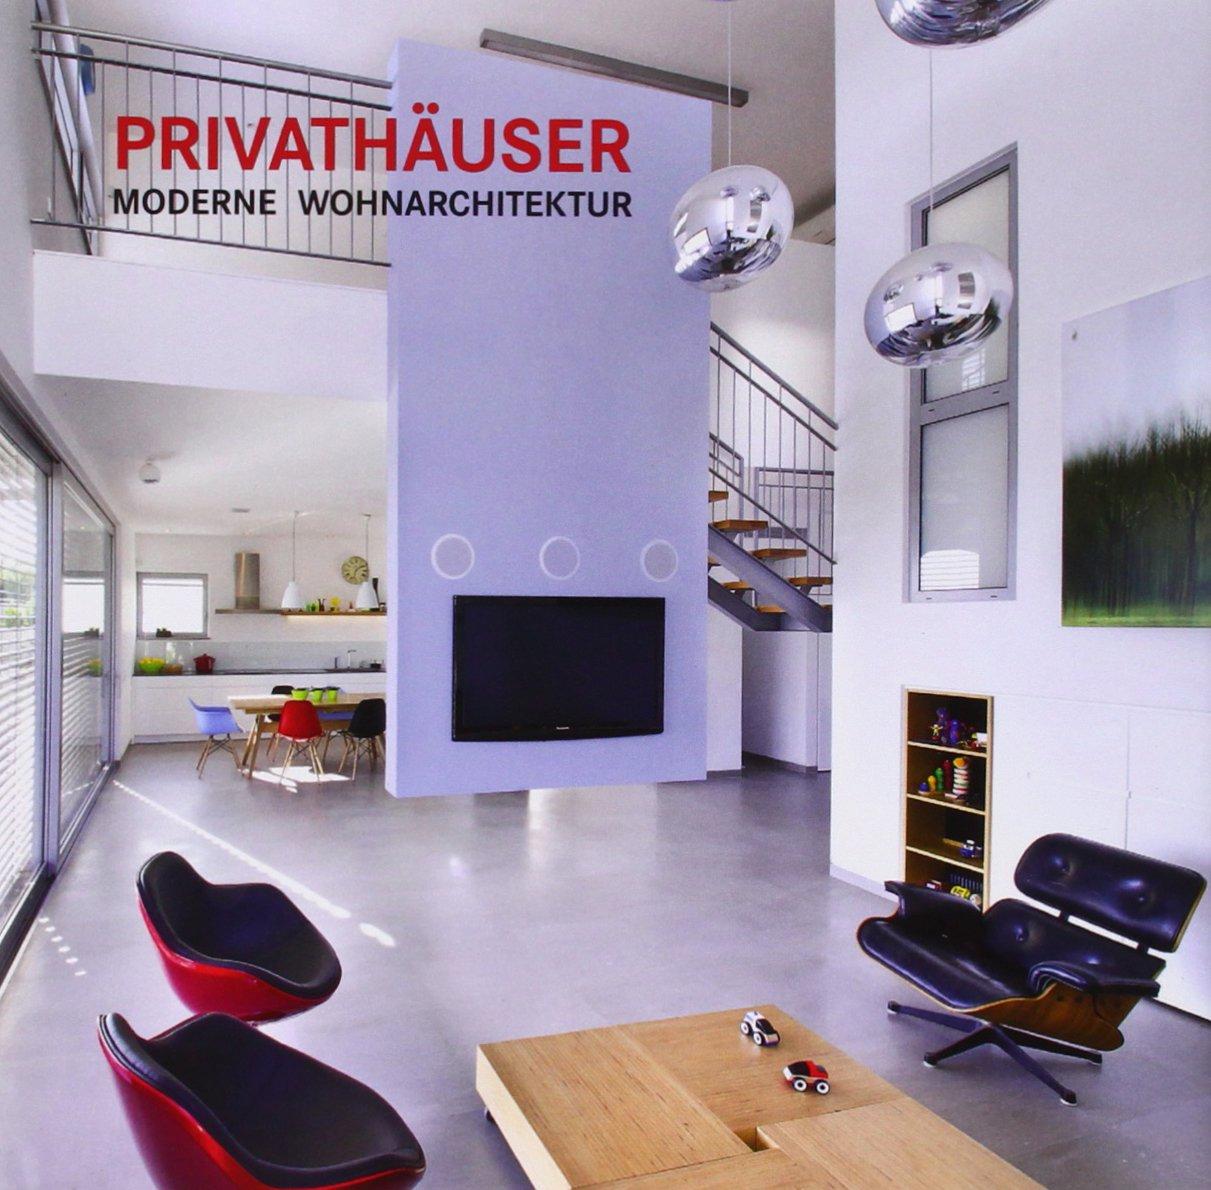 Privathäuser Moderne Wohnarchitektur: Amazon.co.uk: Books